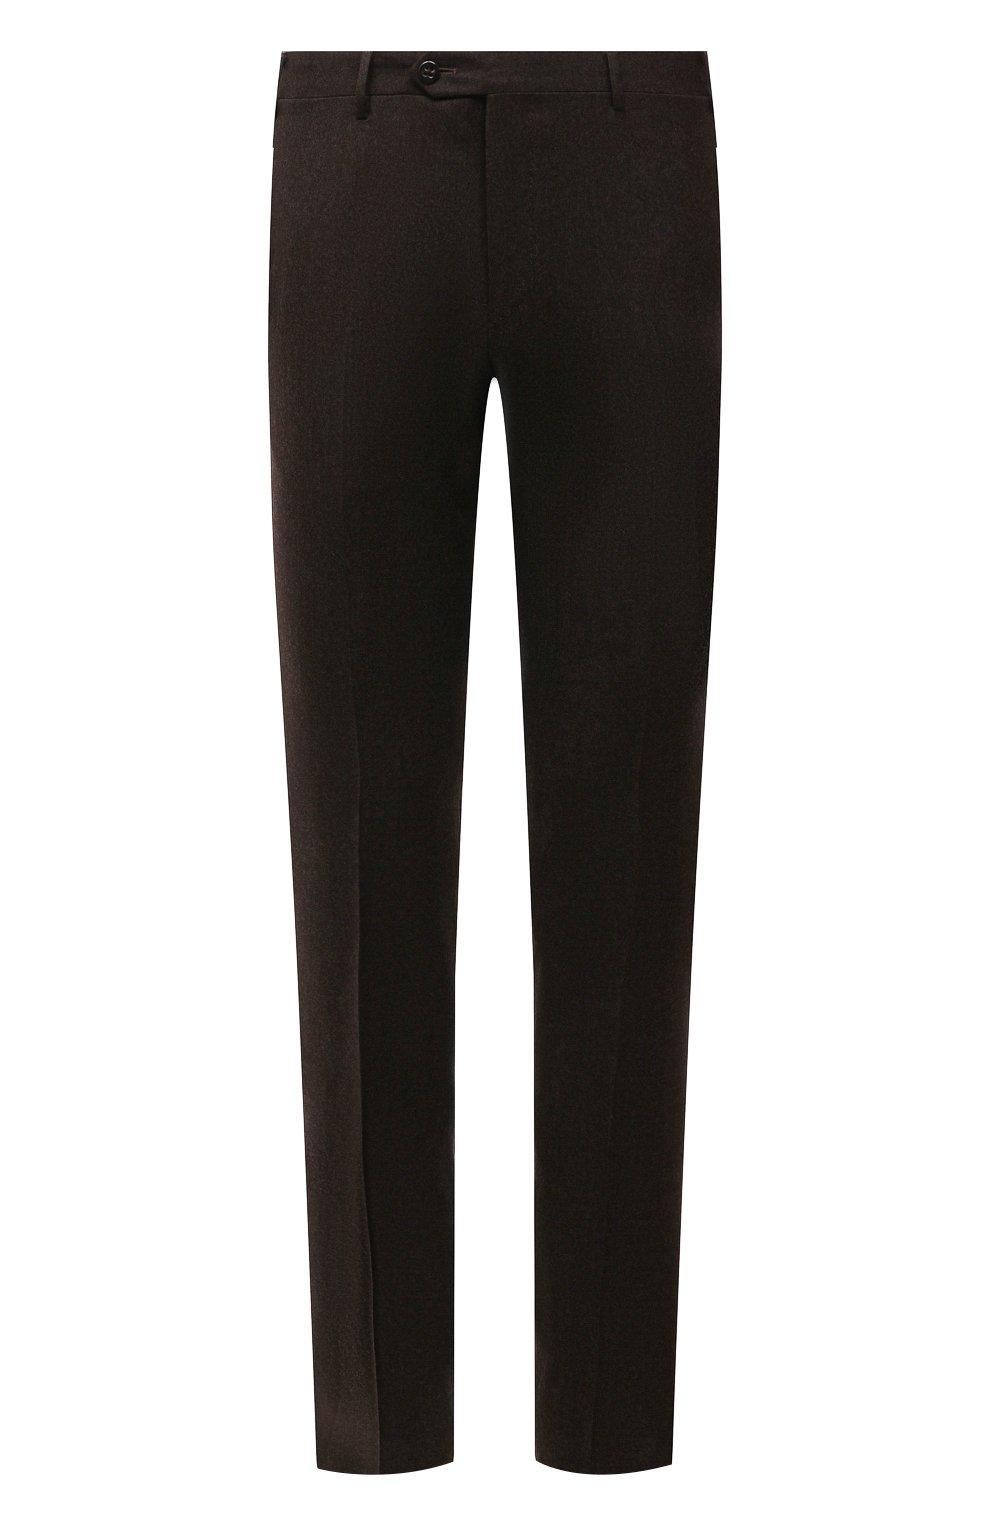 Мужские шерстяные брюки CORNELIANI коричневого цвета, арт. 885B01-1818111/02   Фото 1 (Материал внешний: Шерсть; Длина (брюки, джинсы): Стандартные; Случай: Формальный; Материал подклада: Вискоза; Стили: Кэжуэл)